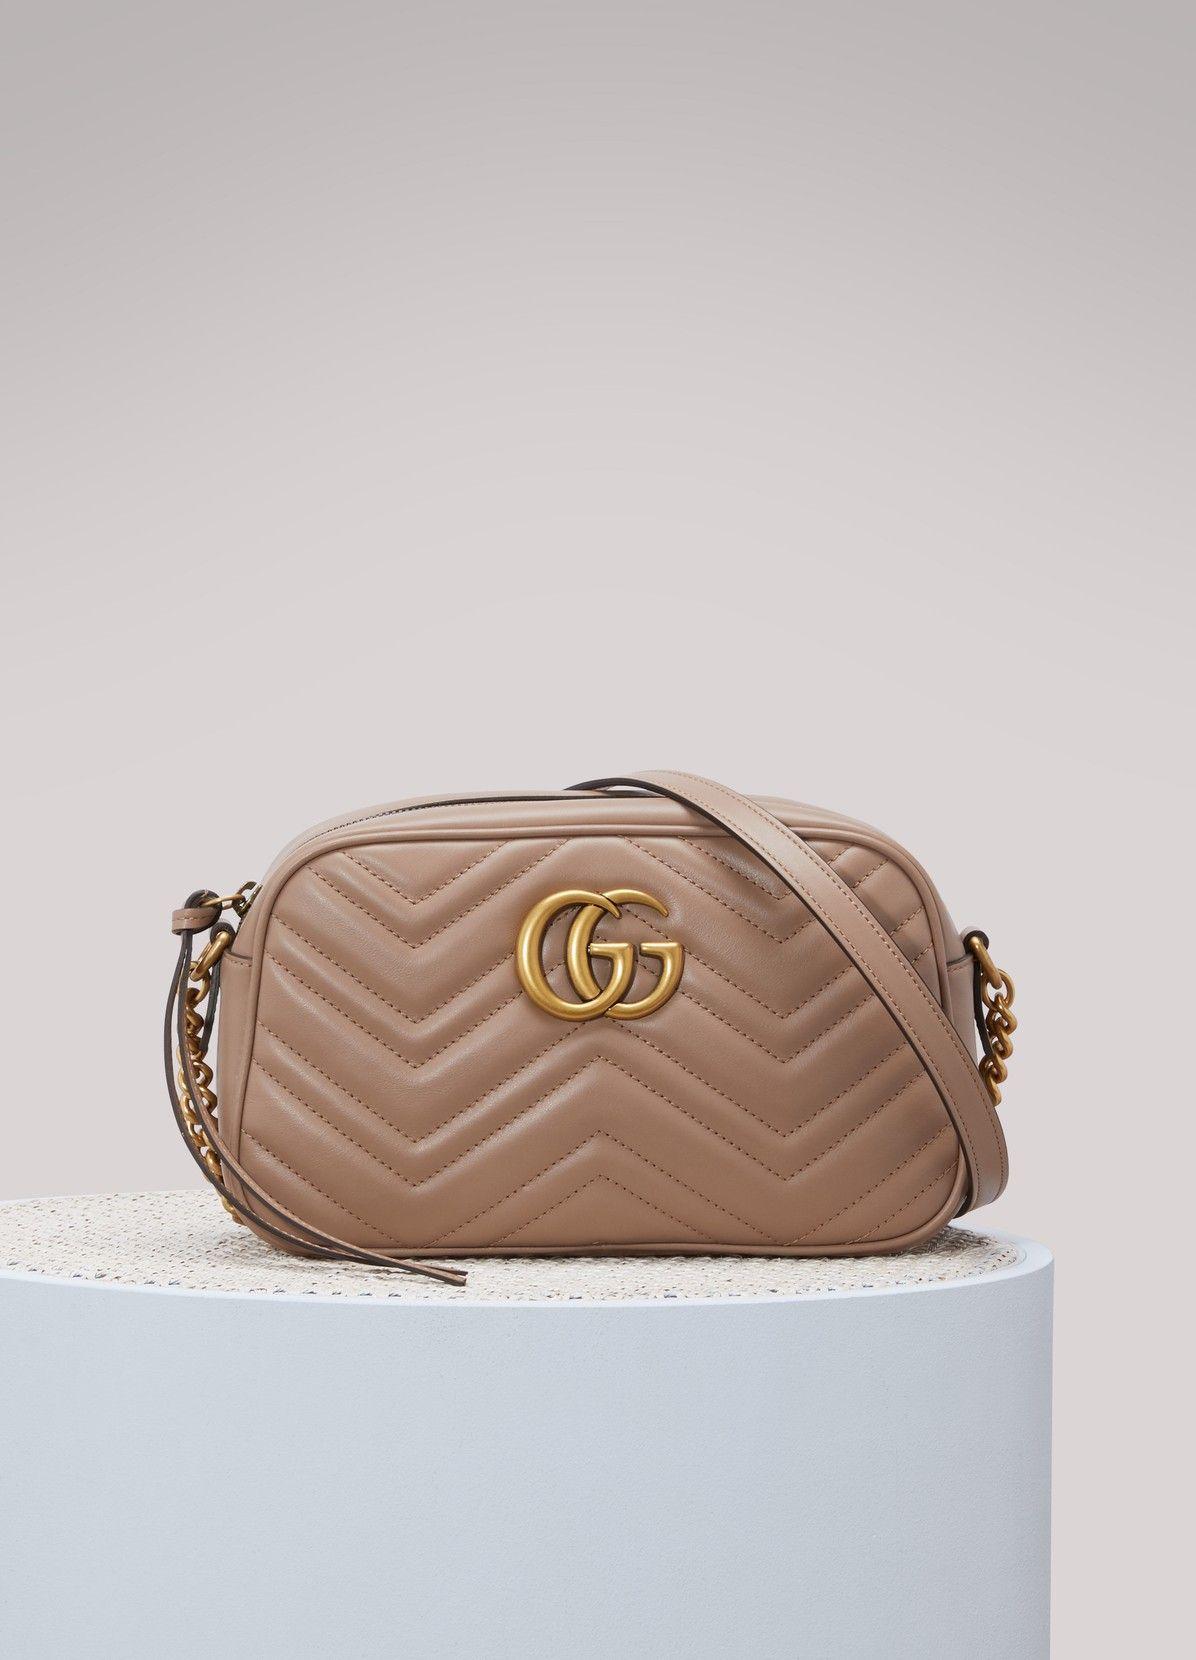 f86262611b5b GUCCI GG Marmont matelassé shoulder bag | Bags | Bags, Shoulder bag ...